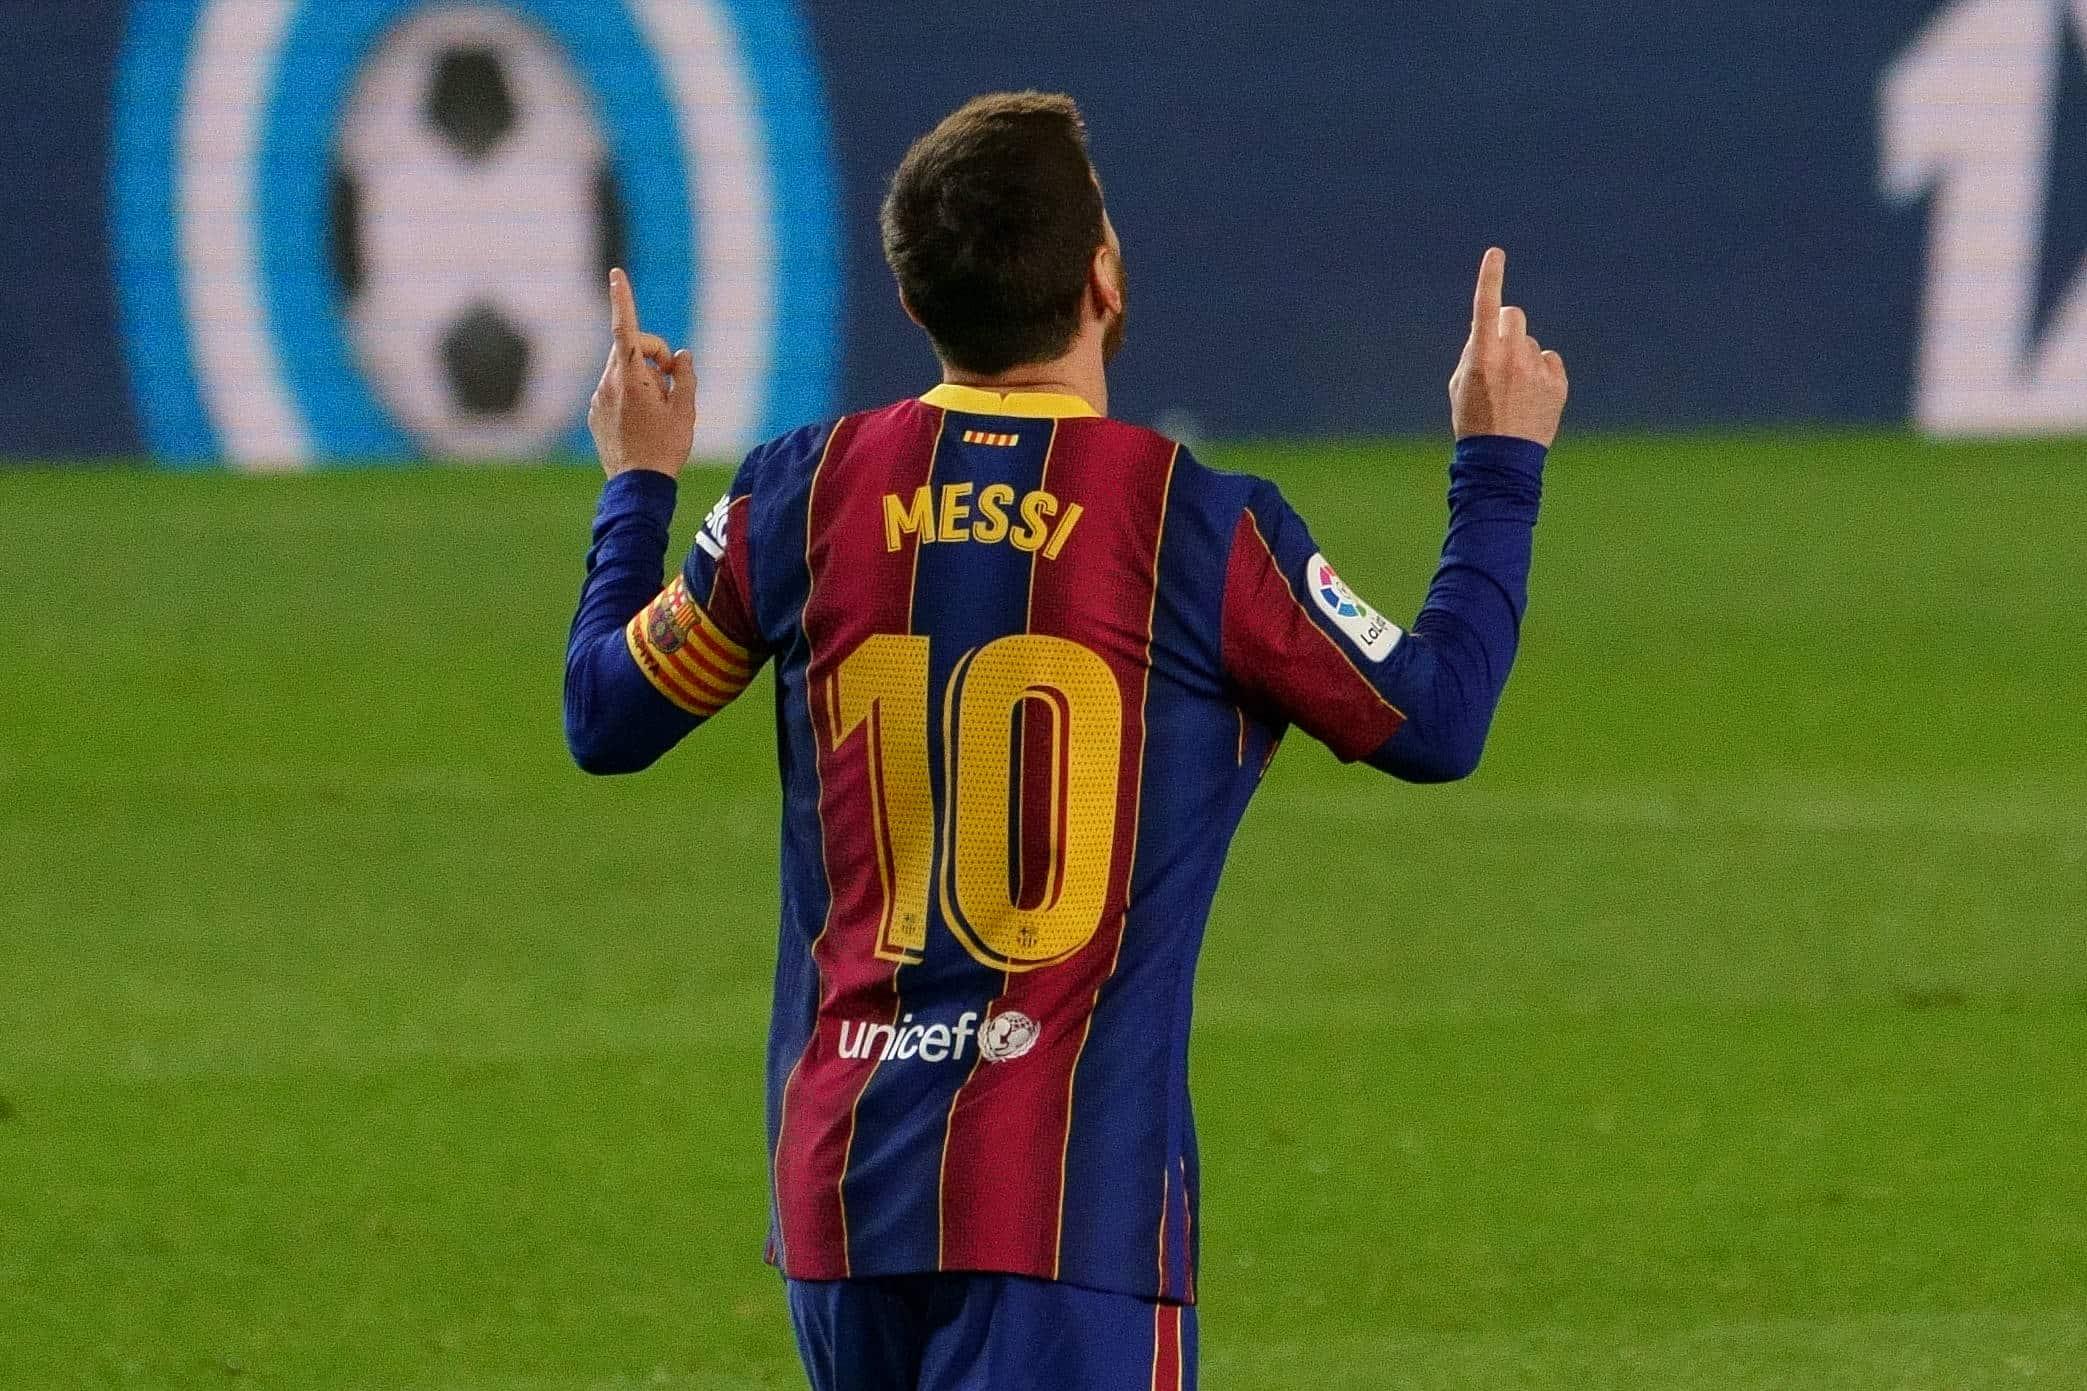 La mala racha de Messi en los Madrid vs Barça sin Cristiano|